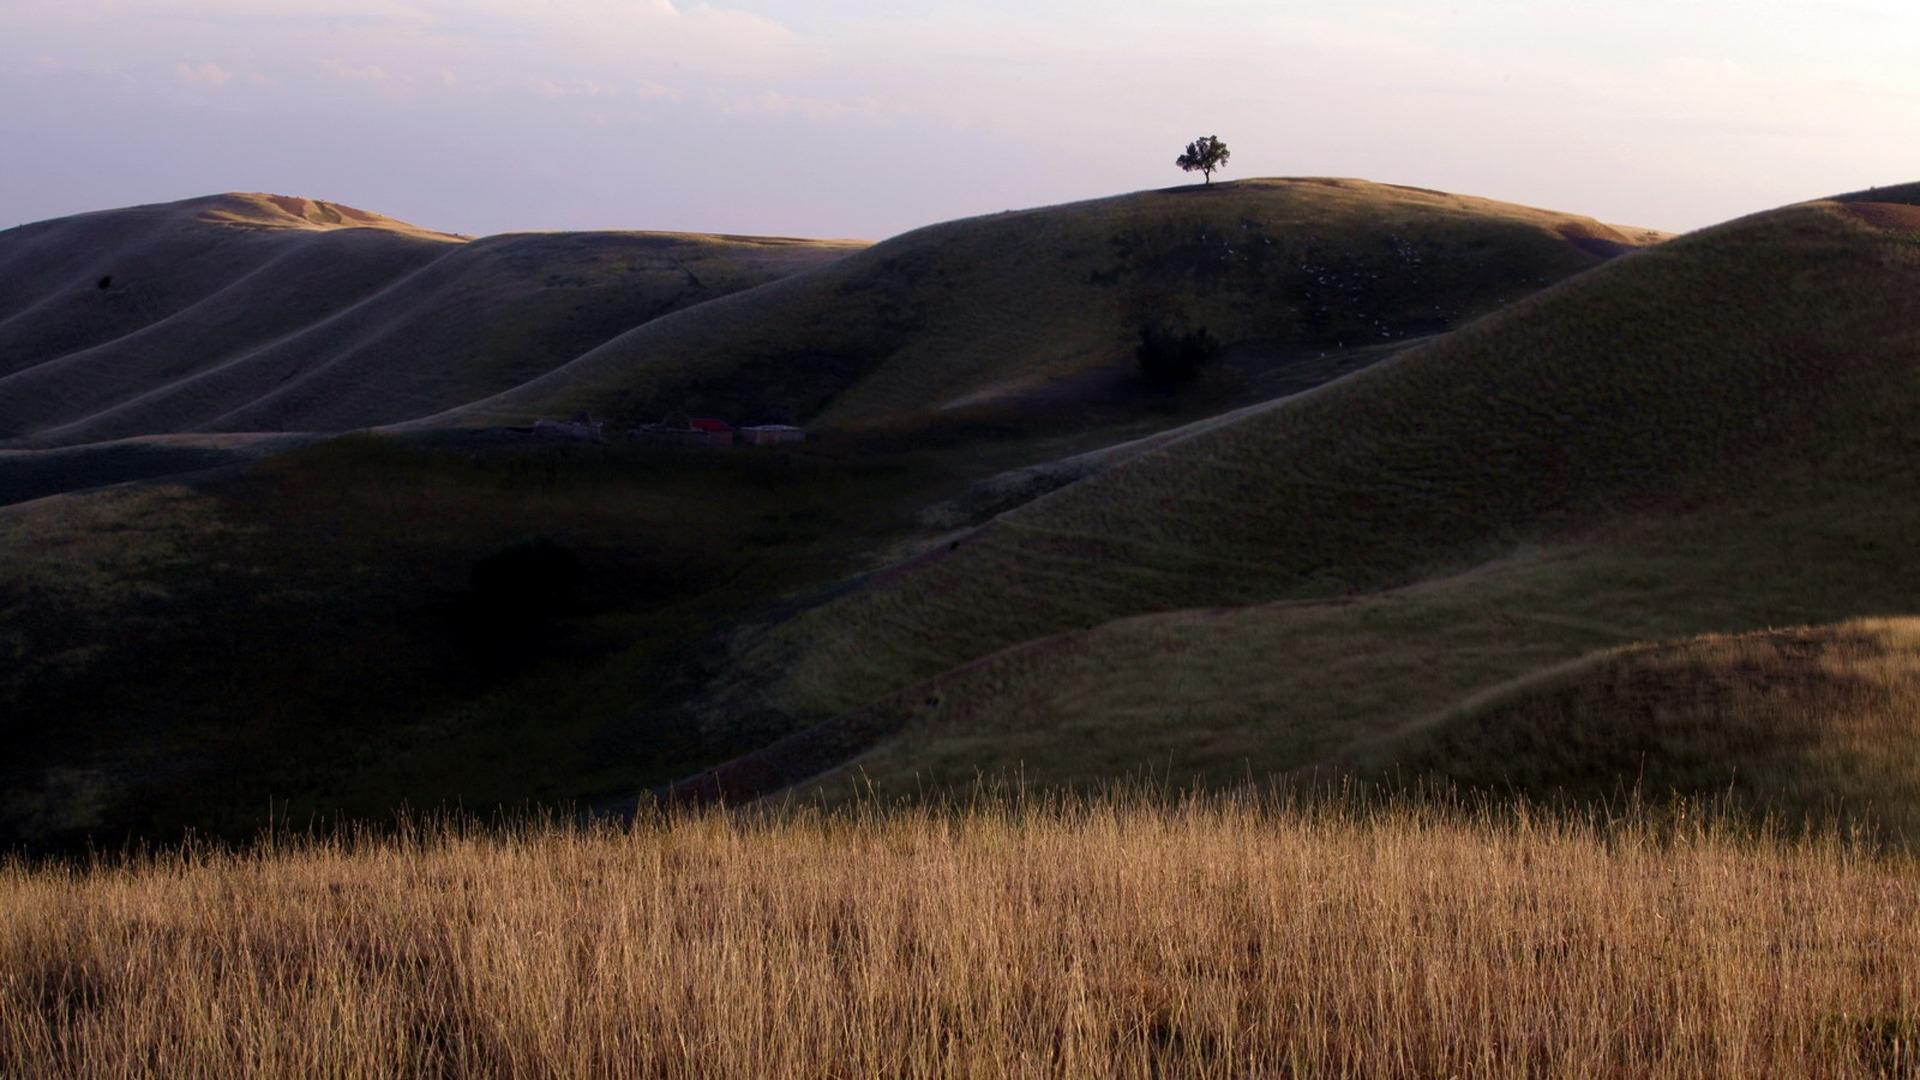 秋の荒野 自然風景デスクトップ壁紙プレビュー 10wallpaper Com